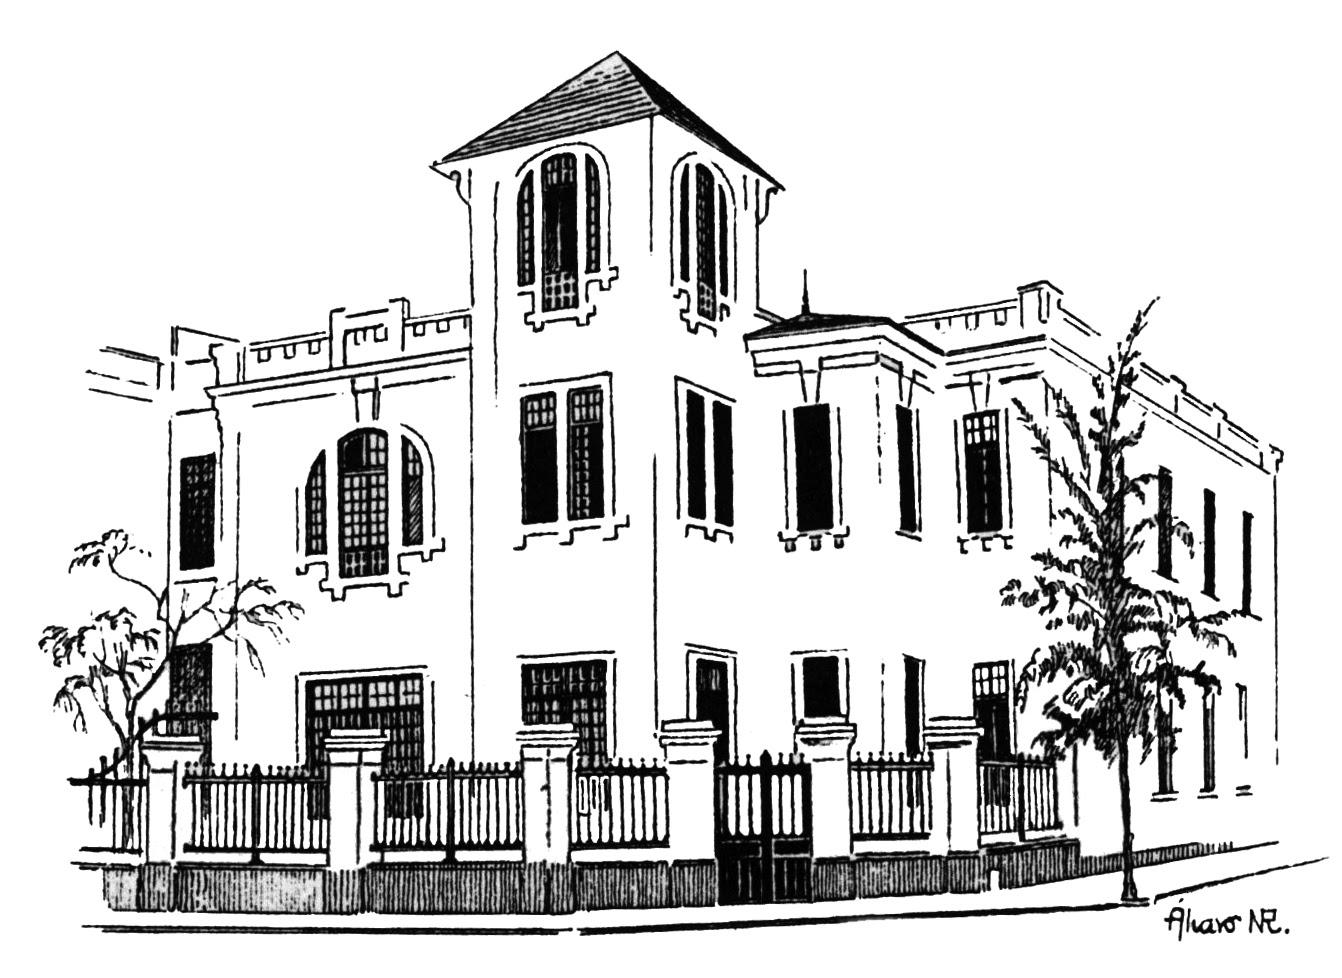 Instituto Raúl Porras Barrenechea: PROGRAMA DE